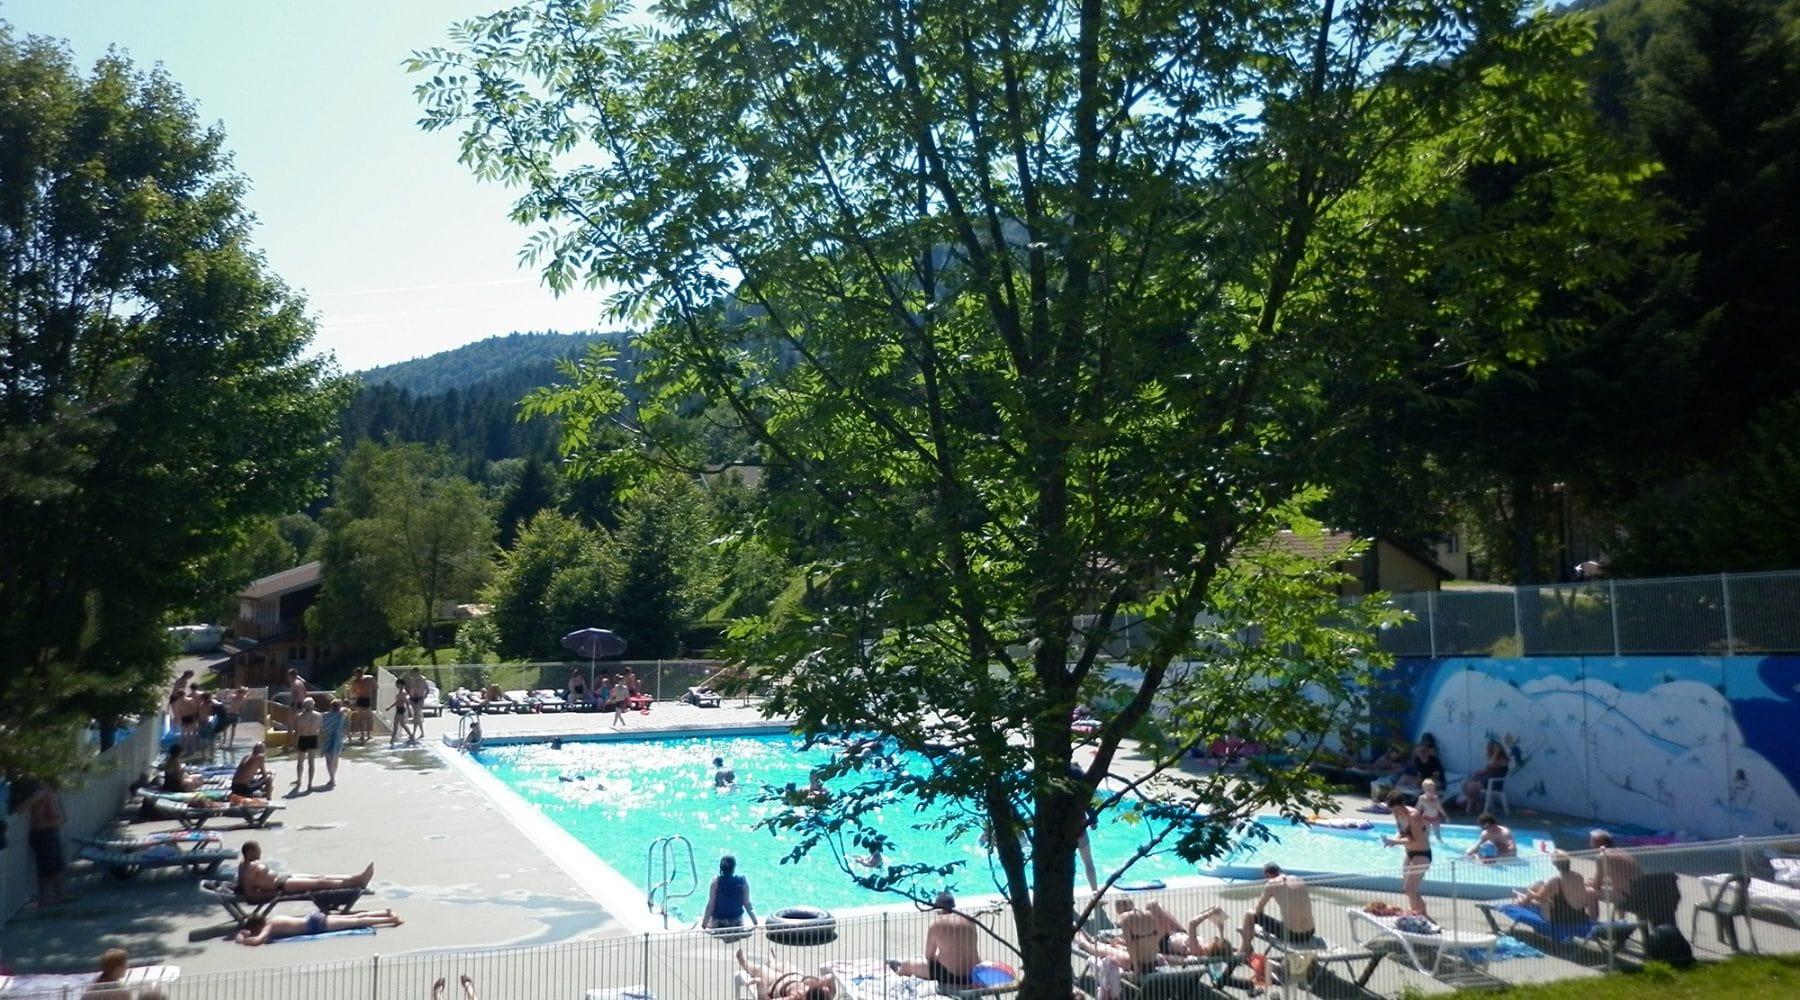 Camping Vosges | Camping Belle Hutte La Bresse Proche Gerardmer à Camping Vosges Piscine